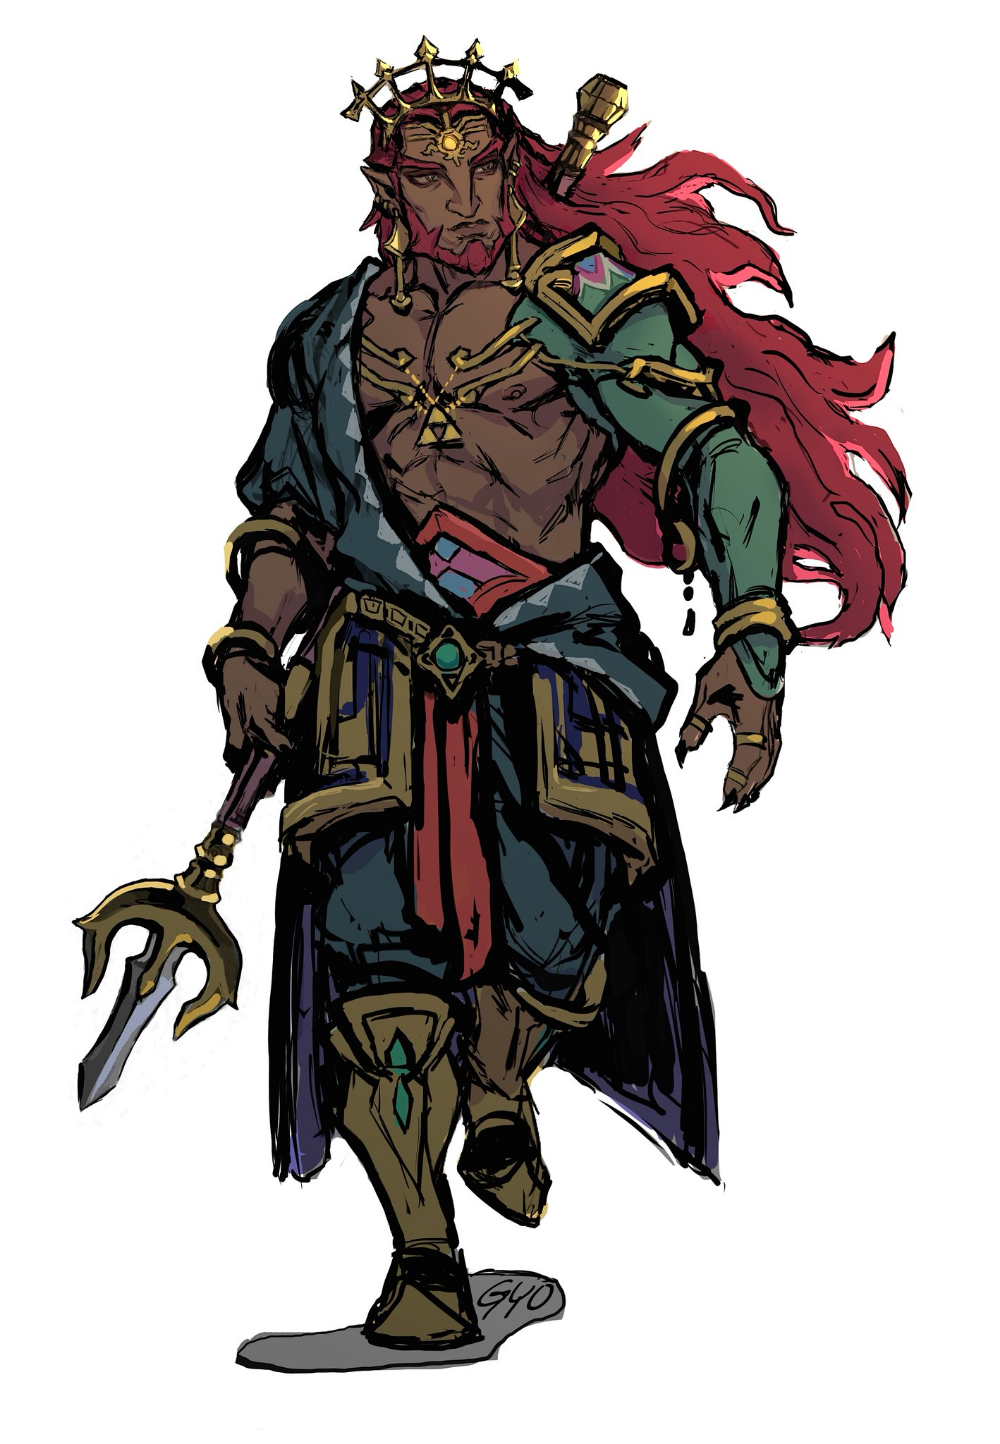 Ganondorf From The Breath Of The Wild 2 Legend Of Zelda